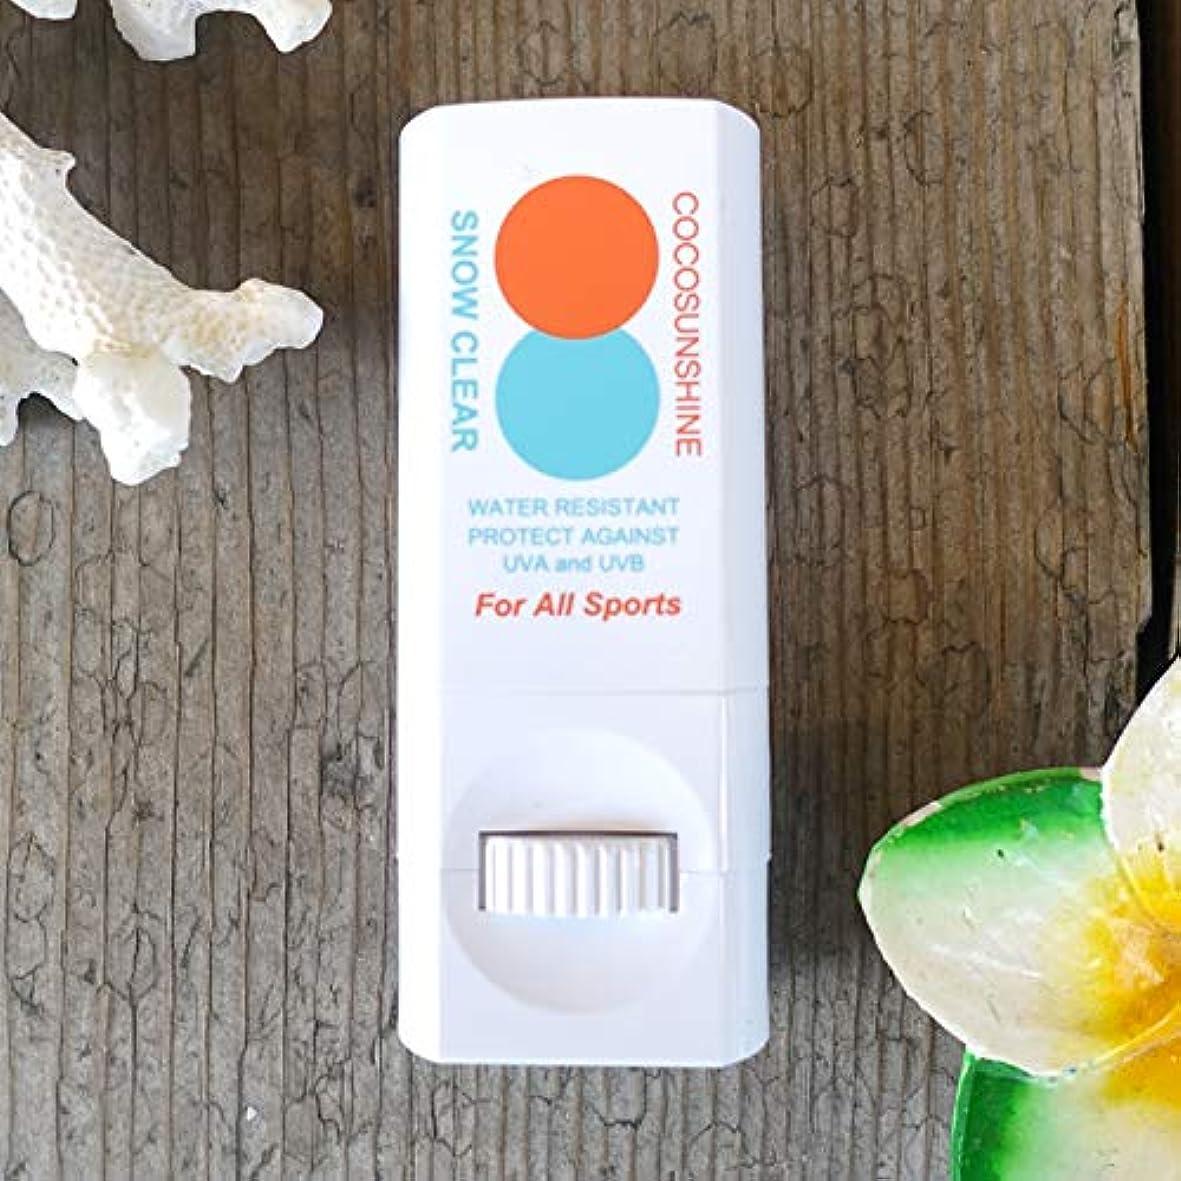 ワーディアンケースむさぼり食うドローSnipe Sports Cosmetic(スナイプ スポーツ コスメティック) COCO SUNSHINE ココサンシャイン 固形 日焼け止め スティック 練り出しタイプ UVプロテクト SPF30 PA++ スノークリア